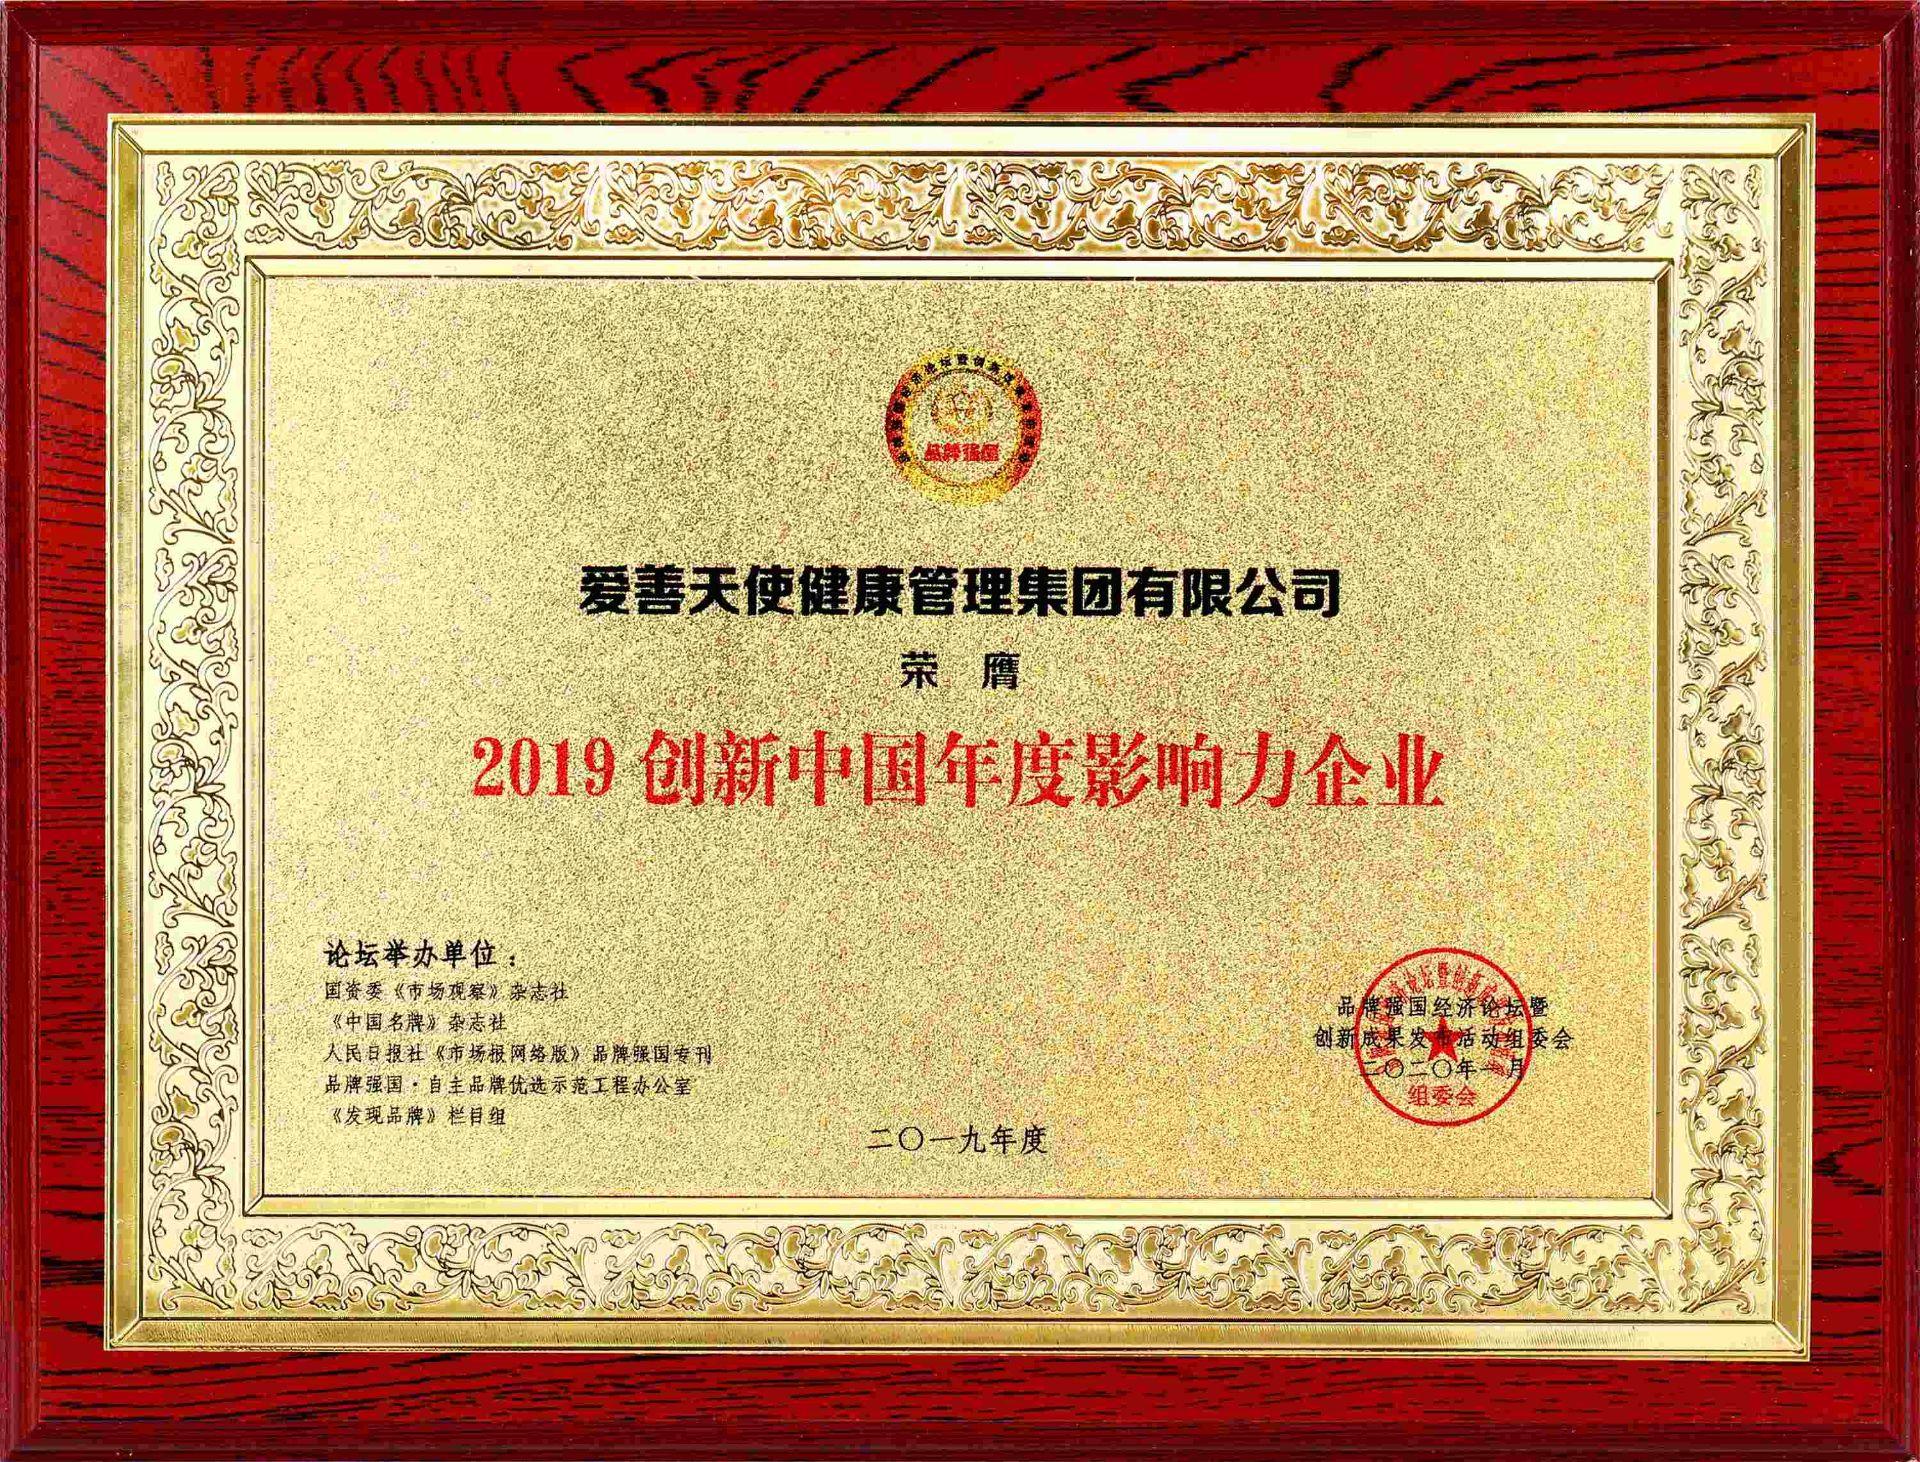 以創新引領發展,愛善天使集團獲頒三項大獎